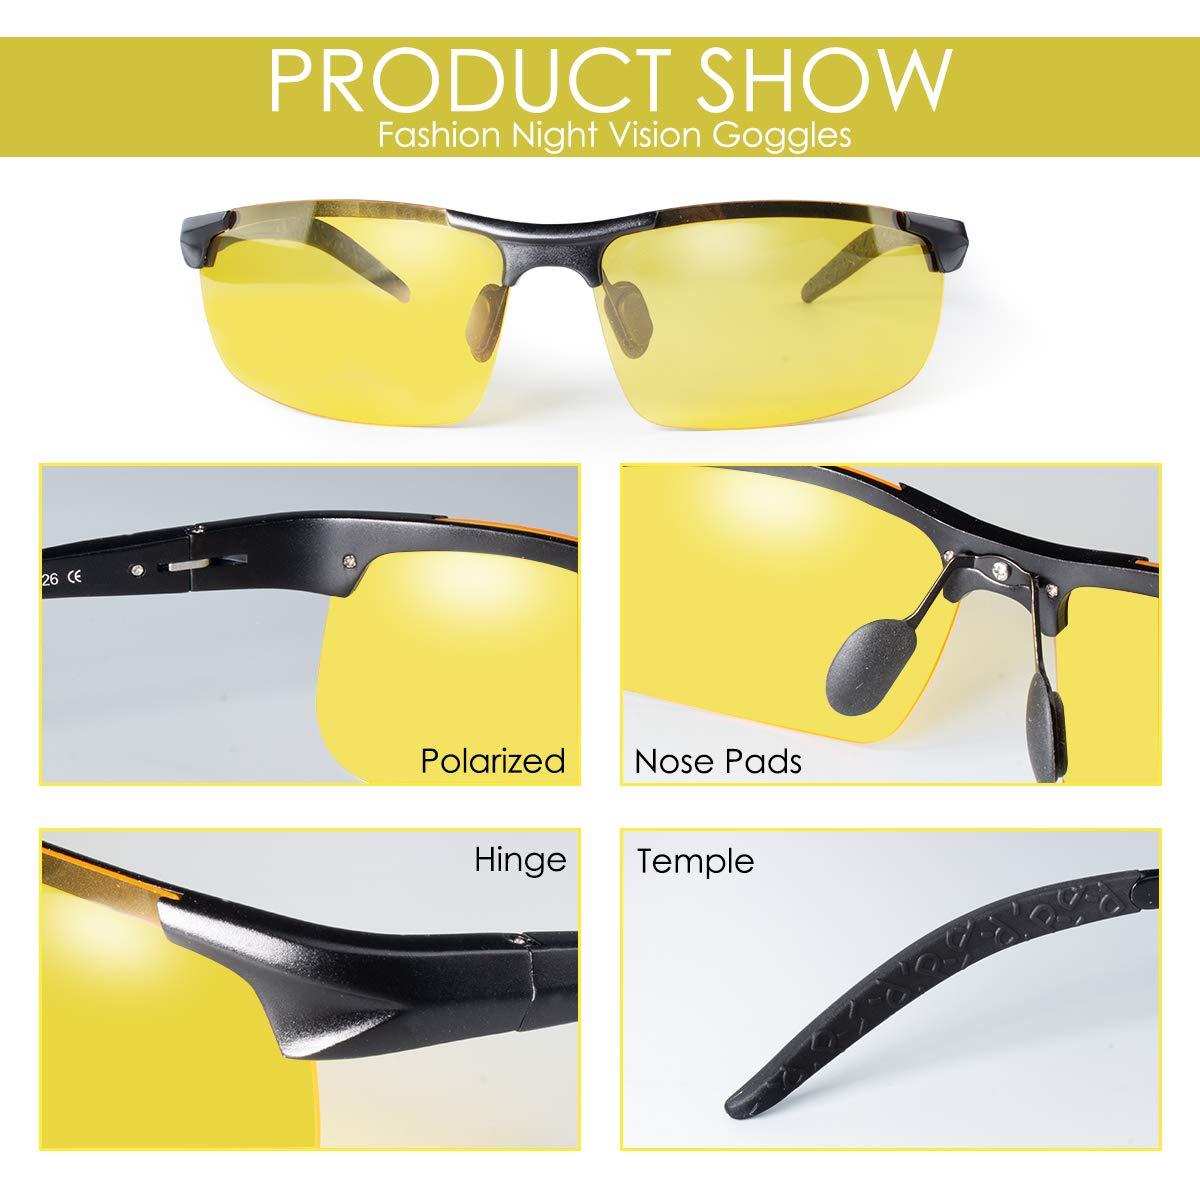 CHEREEKI Gafas de Sol Visión Nocturna, Gafas de Sol Visión Nocturna Polarizadas Hombre Mujer, Gafas de Conducir Deportes100% Protección UV400 Gafas para Conducción (amarillo)